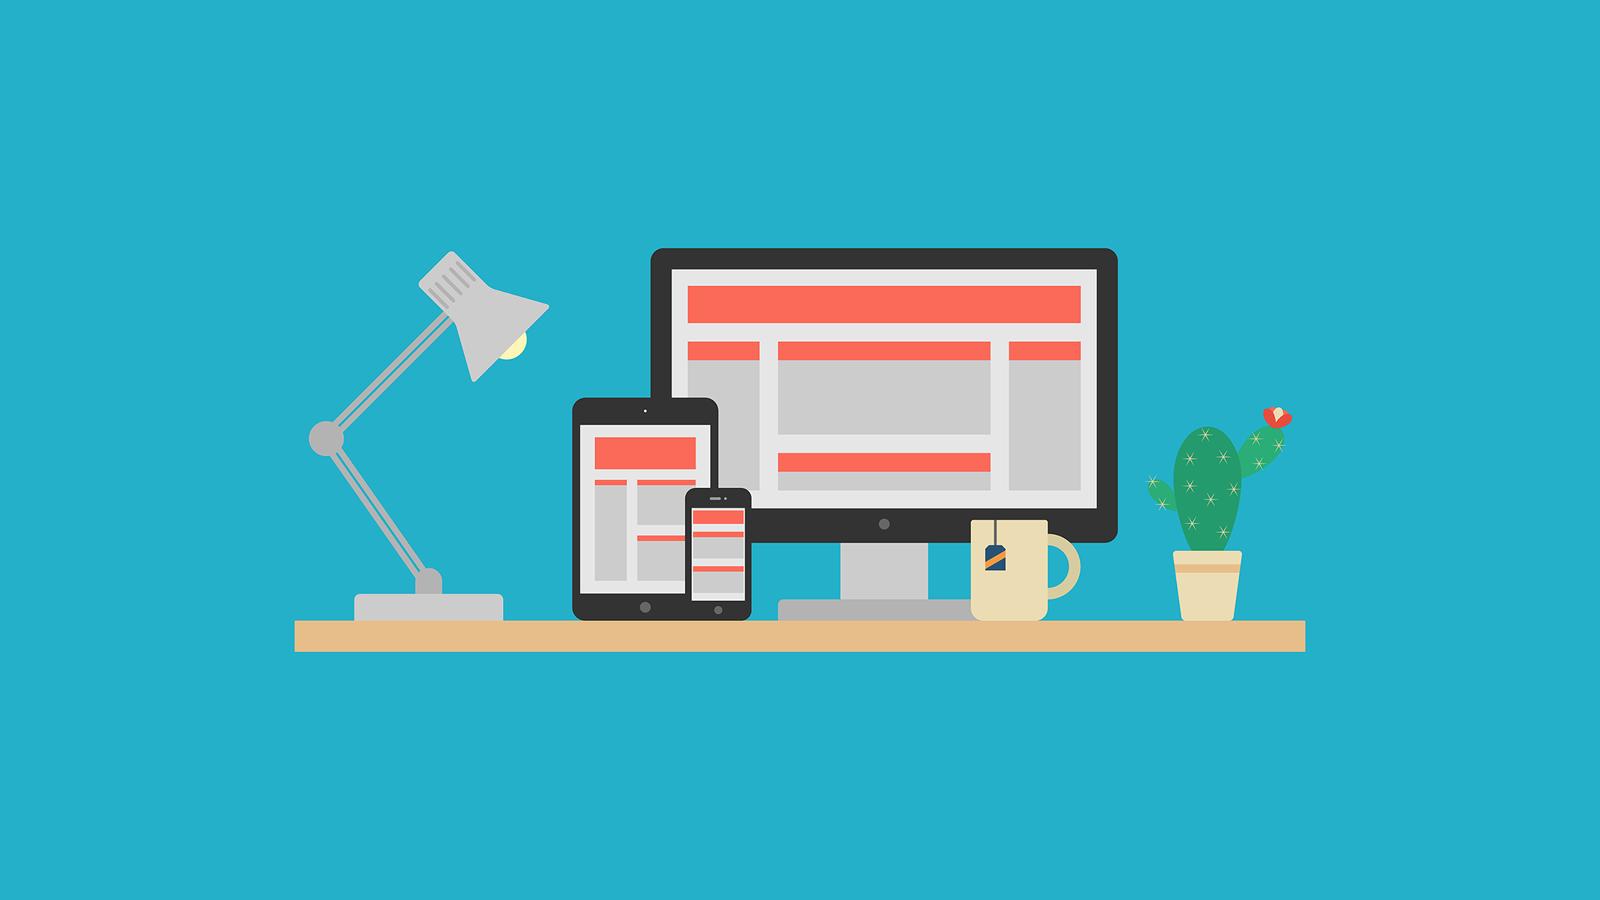 5 bonnes raisons de rendre votre site web responsive design